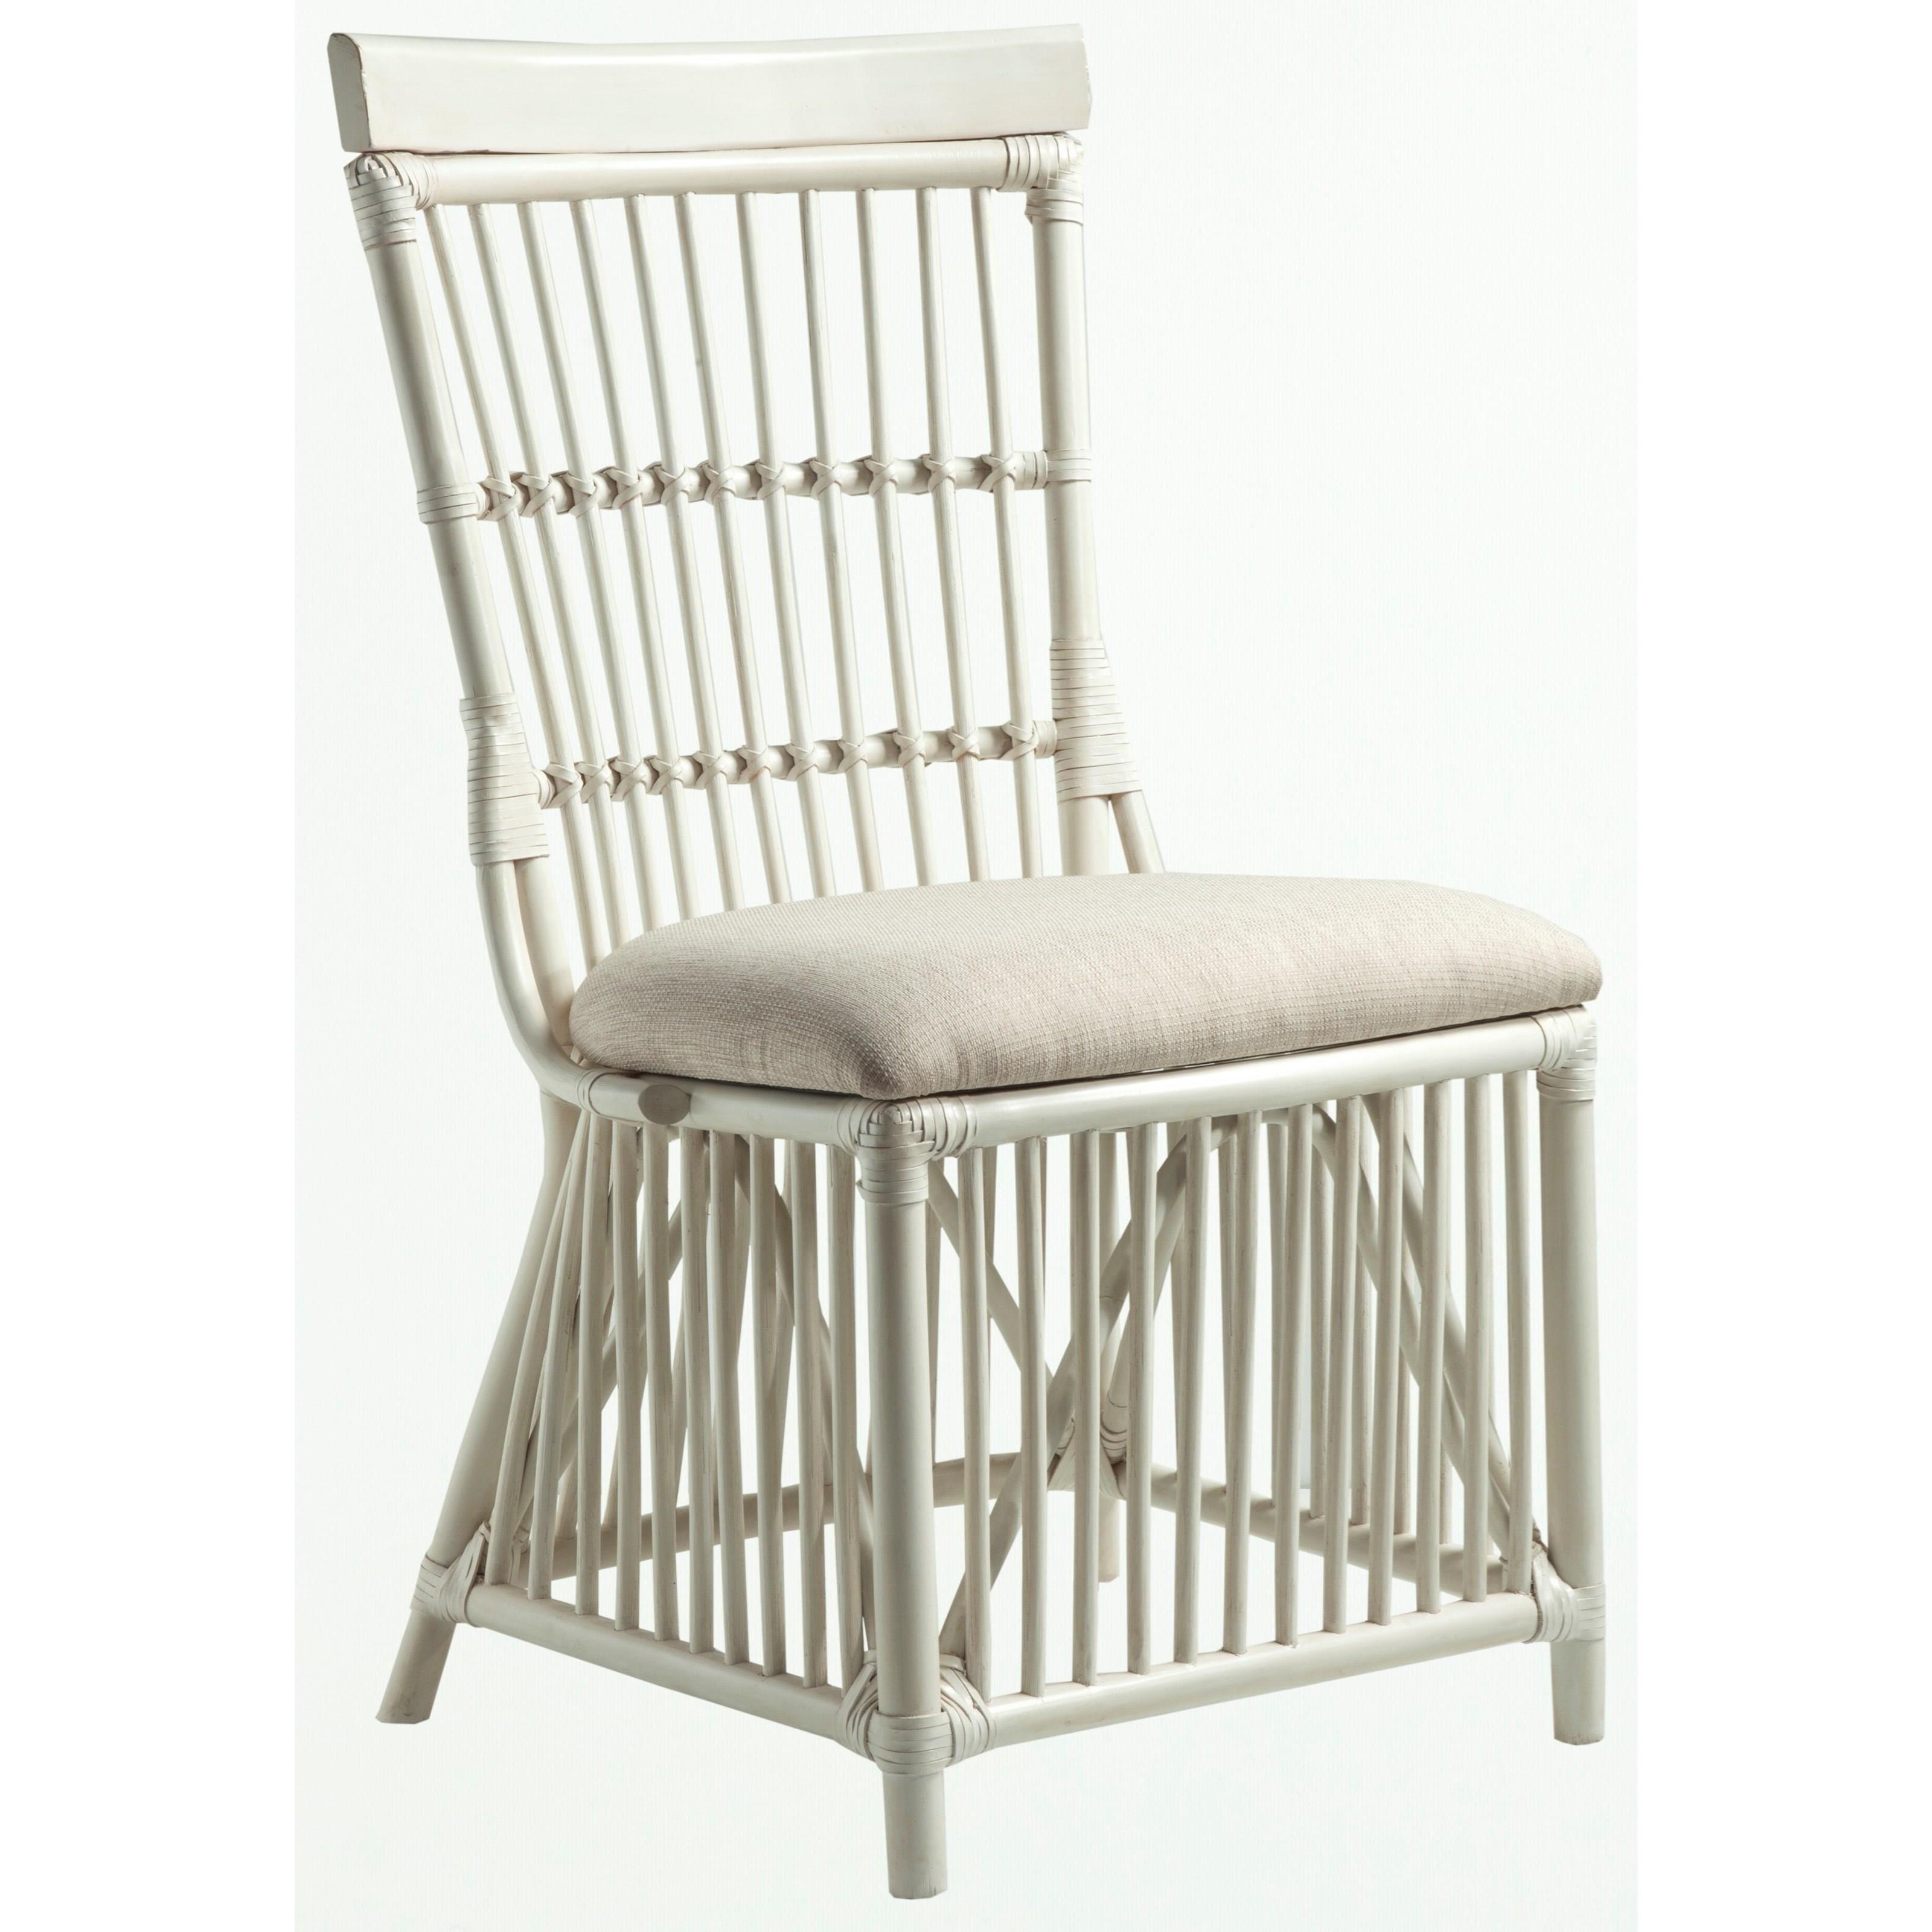 Cream Rattan Side Chair